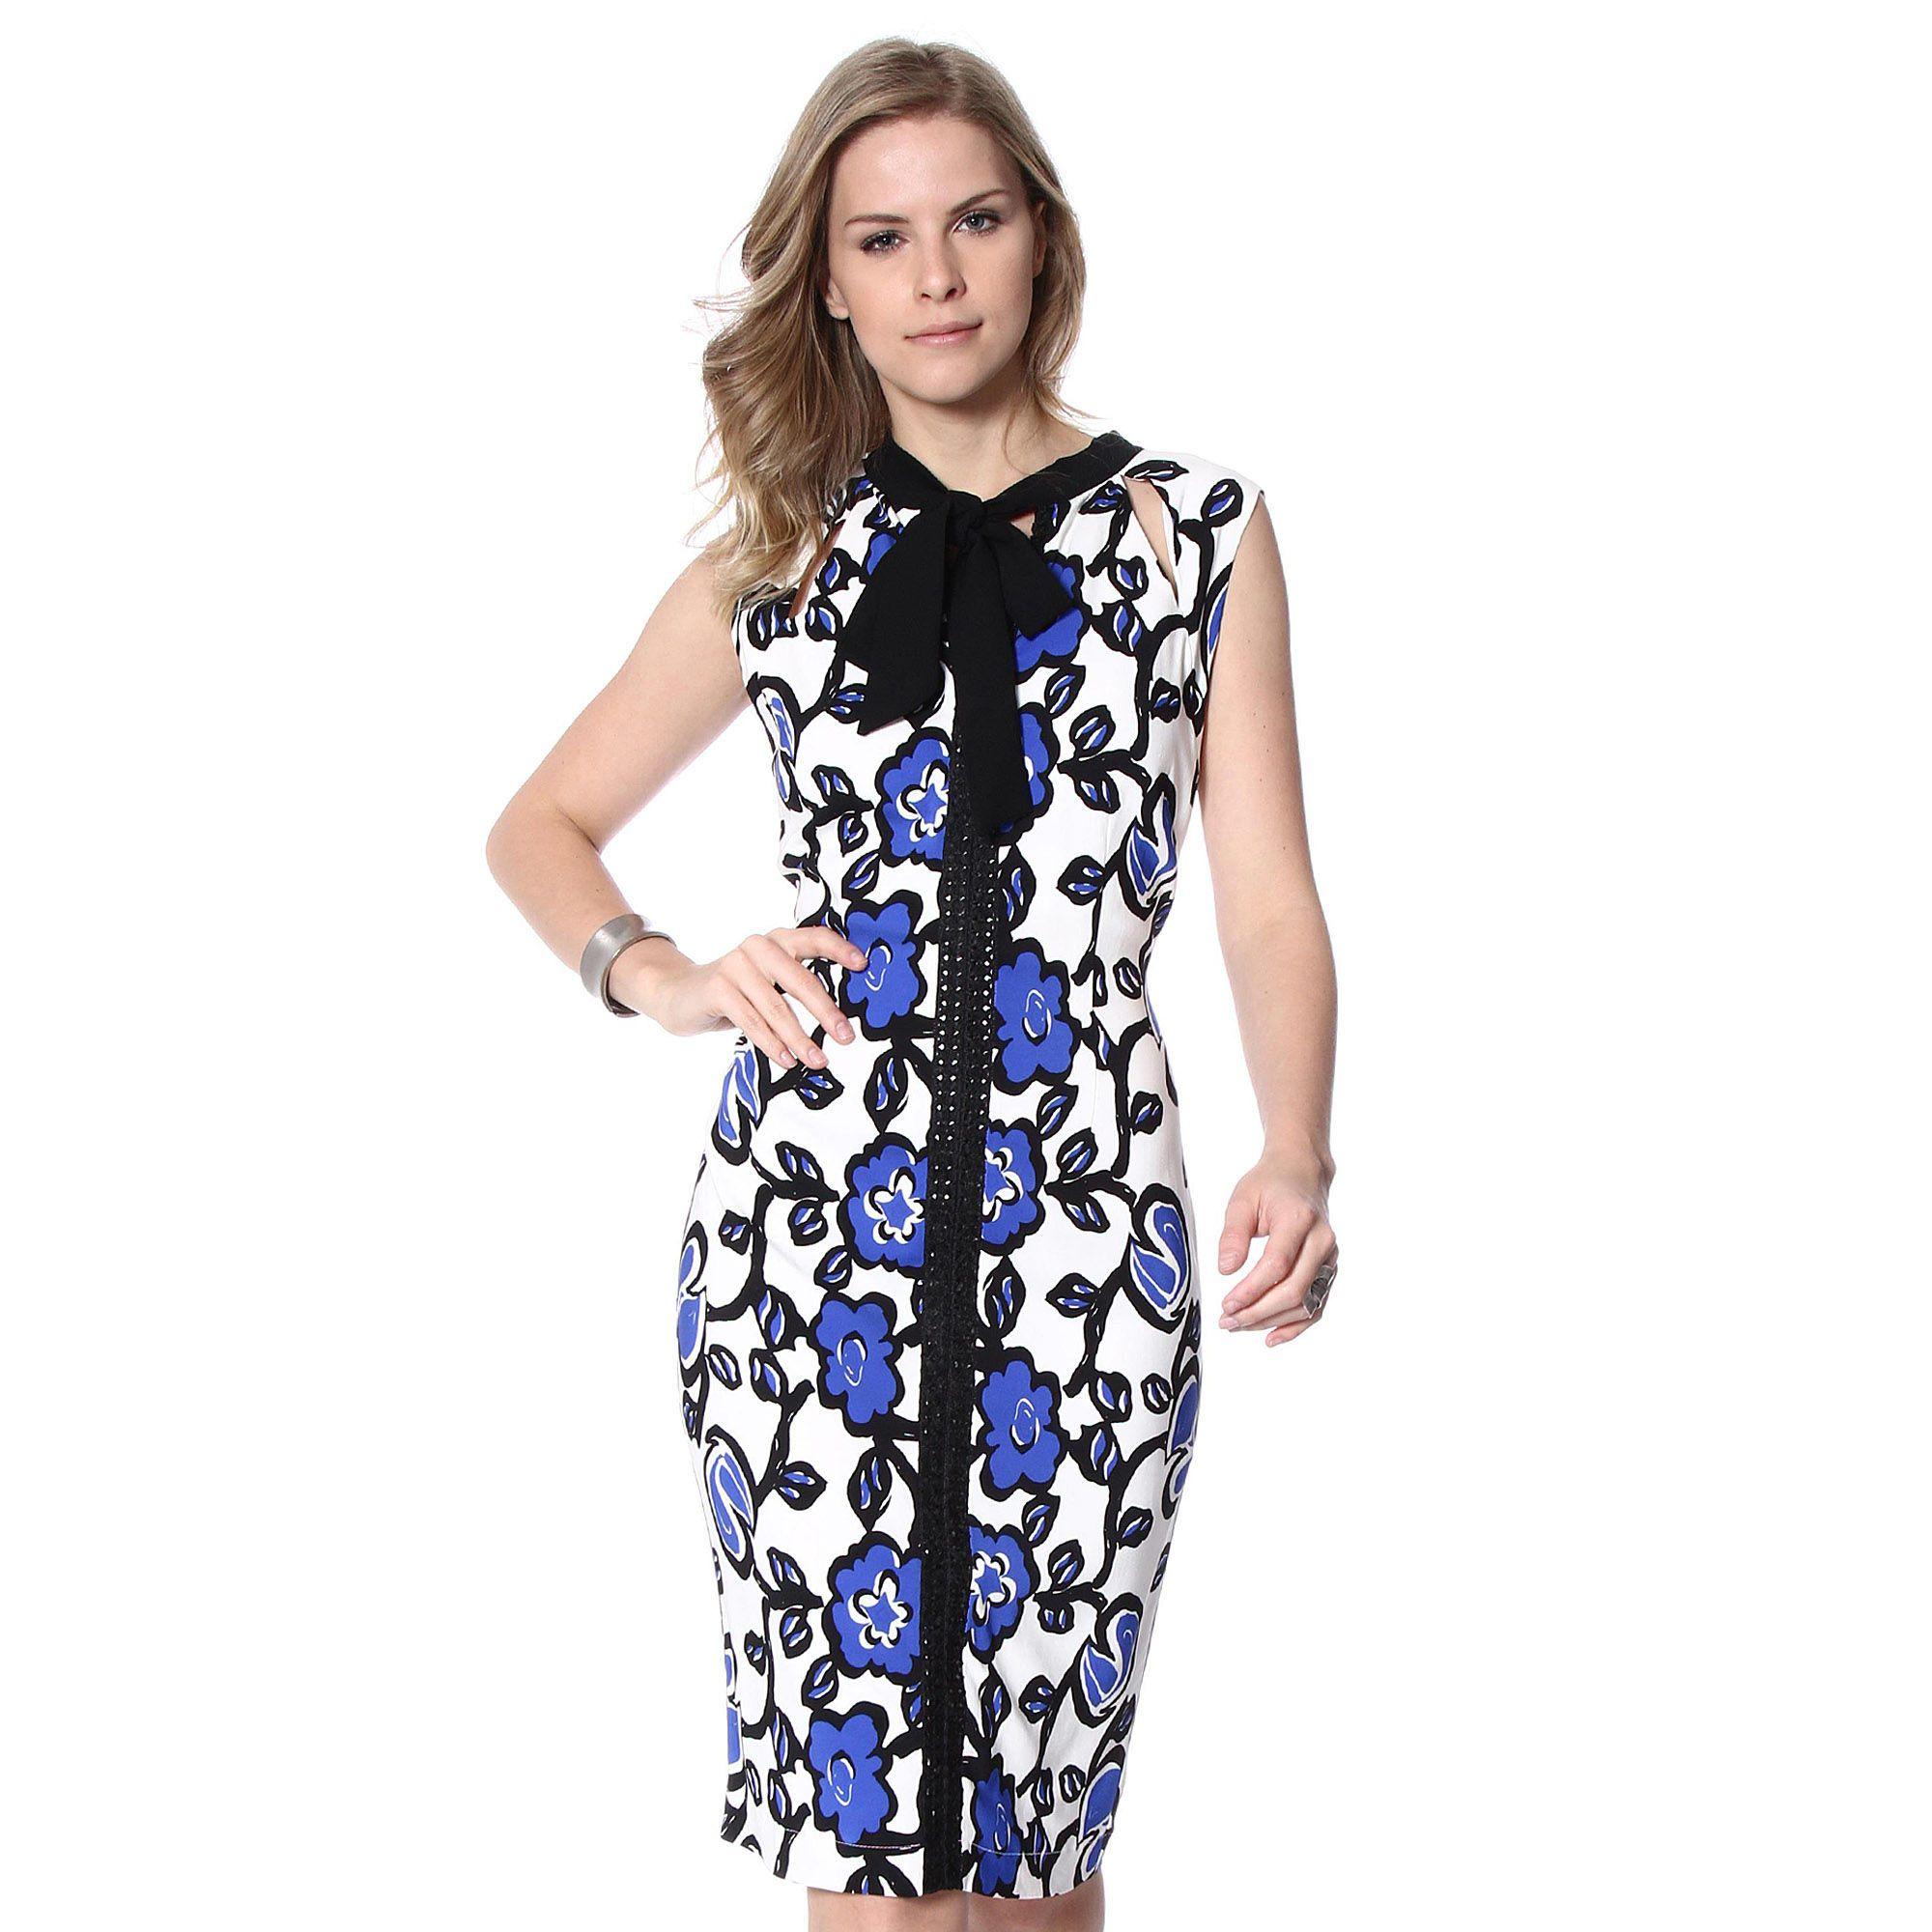 564e25b458 PRIVALIA - O outlet online de moda Nº1 no Brasil Vestidos Trabalho